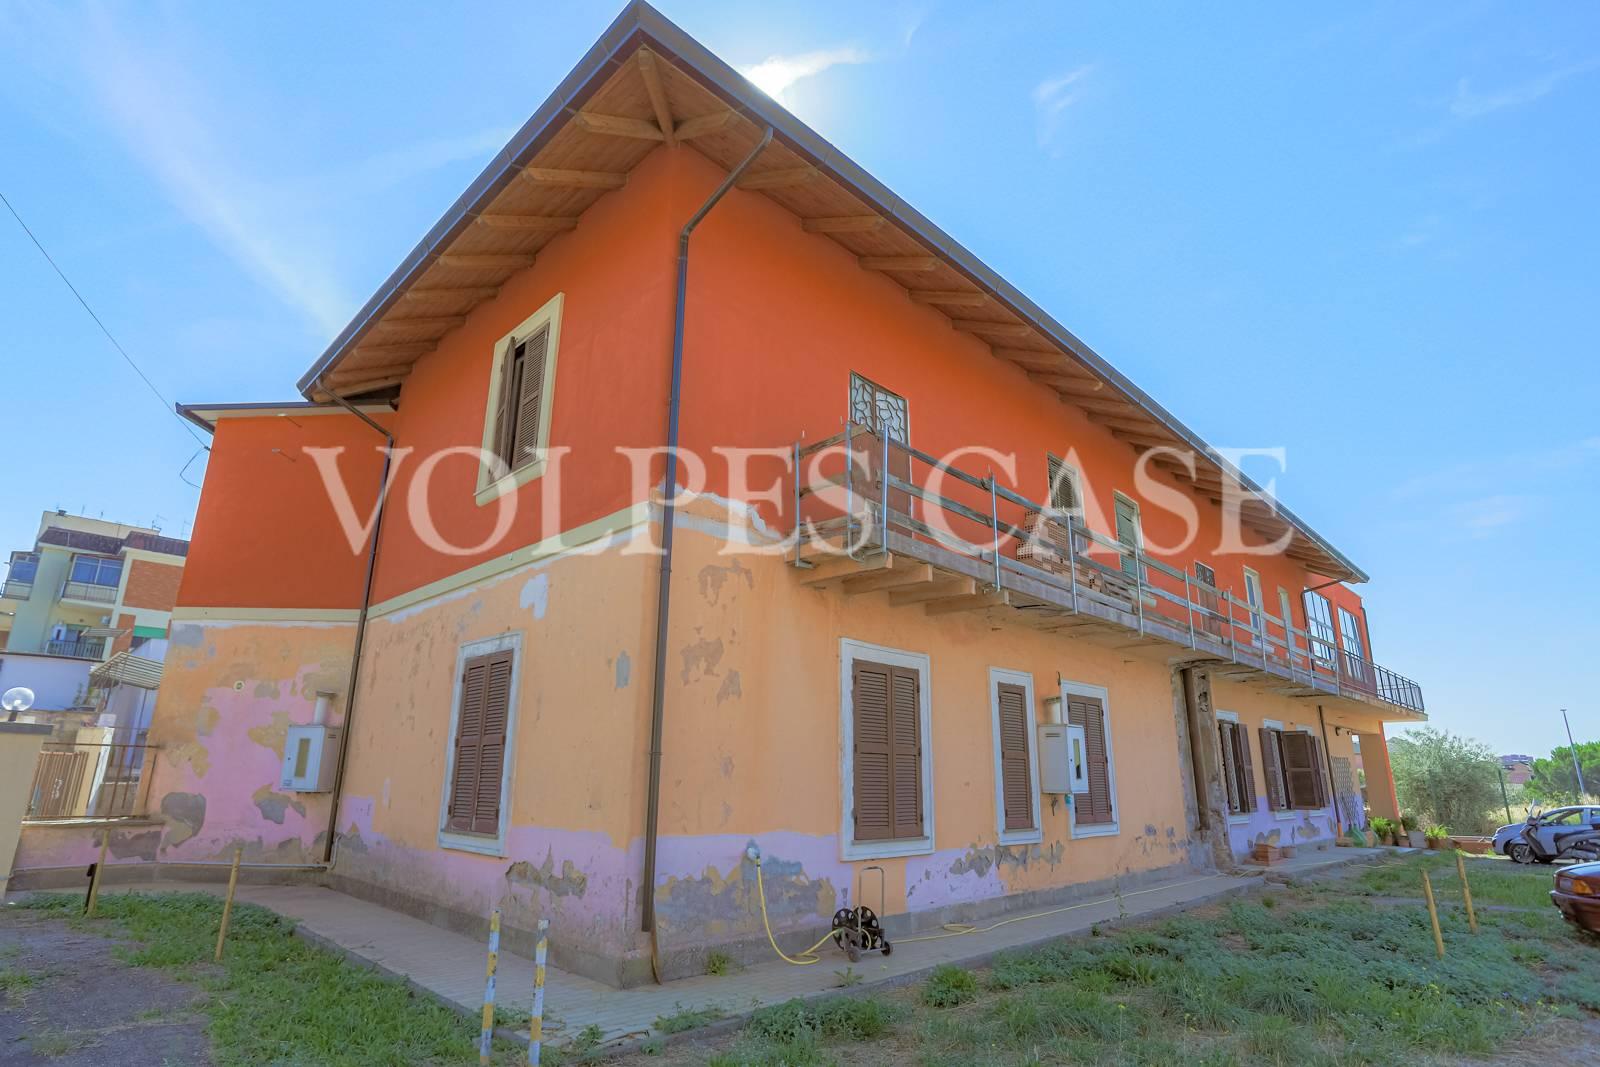 Villa Bifamiliare in vendita a Roma, 6 locali, zona Località: Tiburtino, prezzo € 490.000 | CambioCasa.it